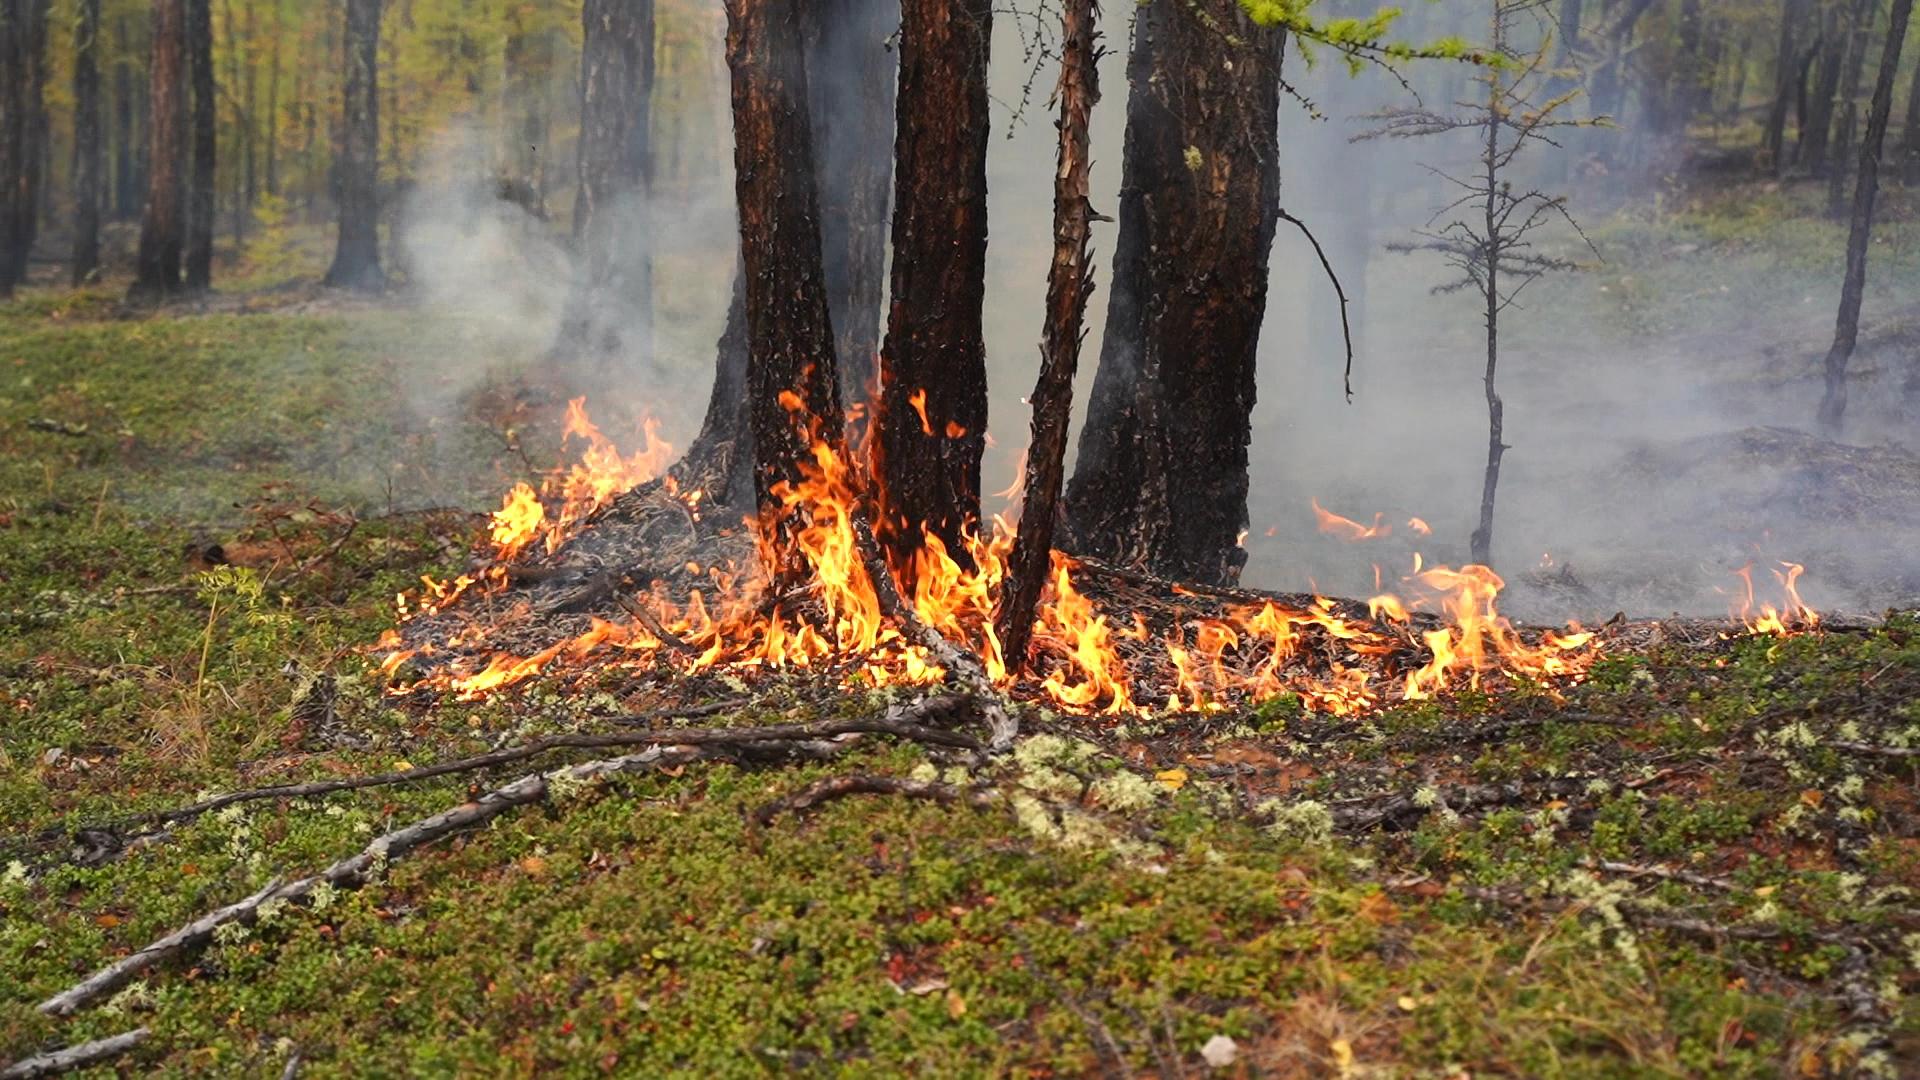 '역대급' 이상 고온과 건조한 날씨가 찾아오면서 올 여름 시베리아에선 화재가 끊이질 않았다. 지난달 러시아 사하공화국 빌류이스키 숲에서 거센 불씨가 나무를 삼키는 모습. 사진 sreda studio